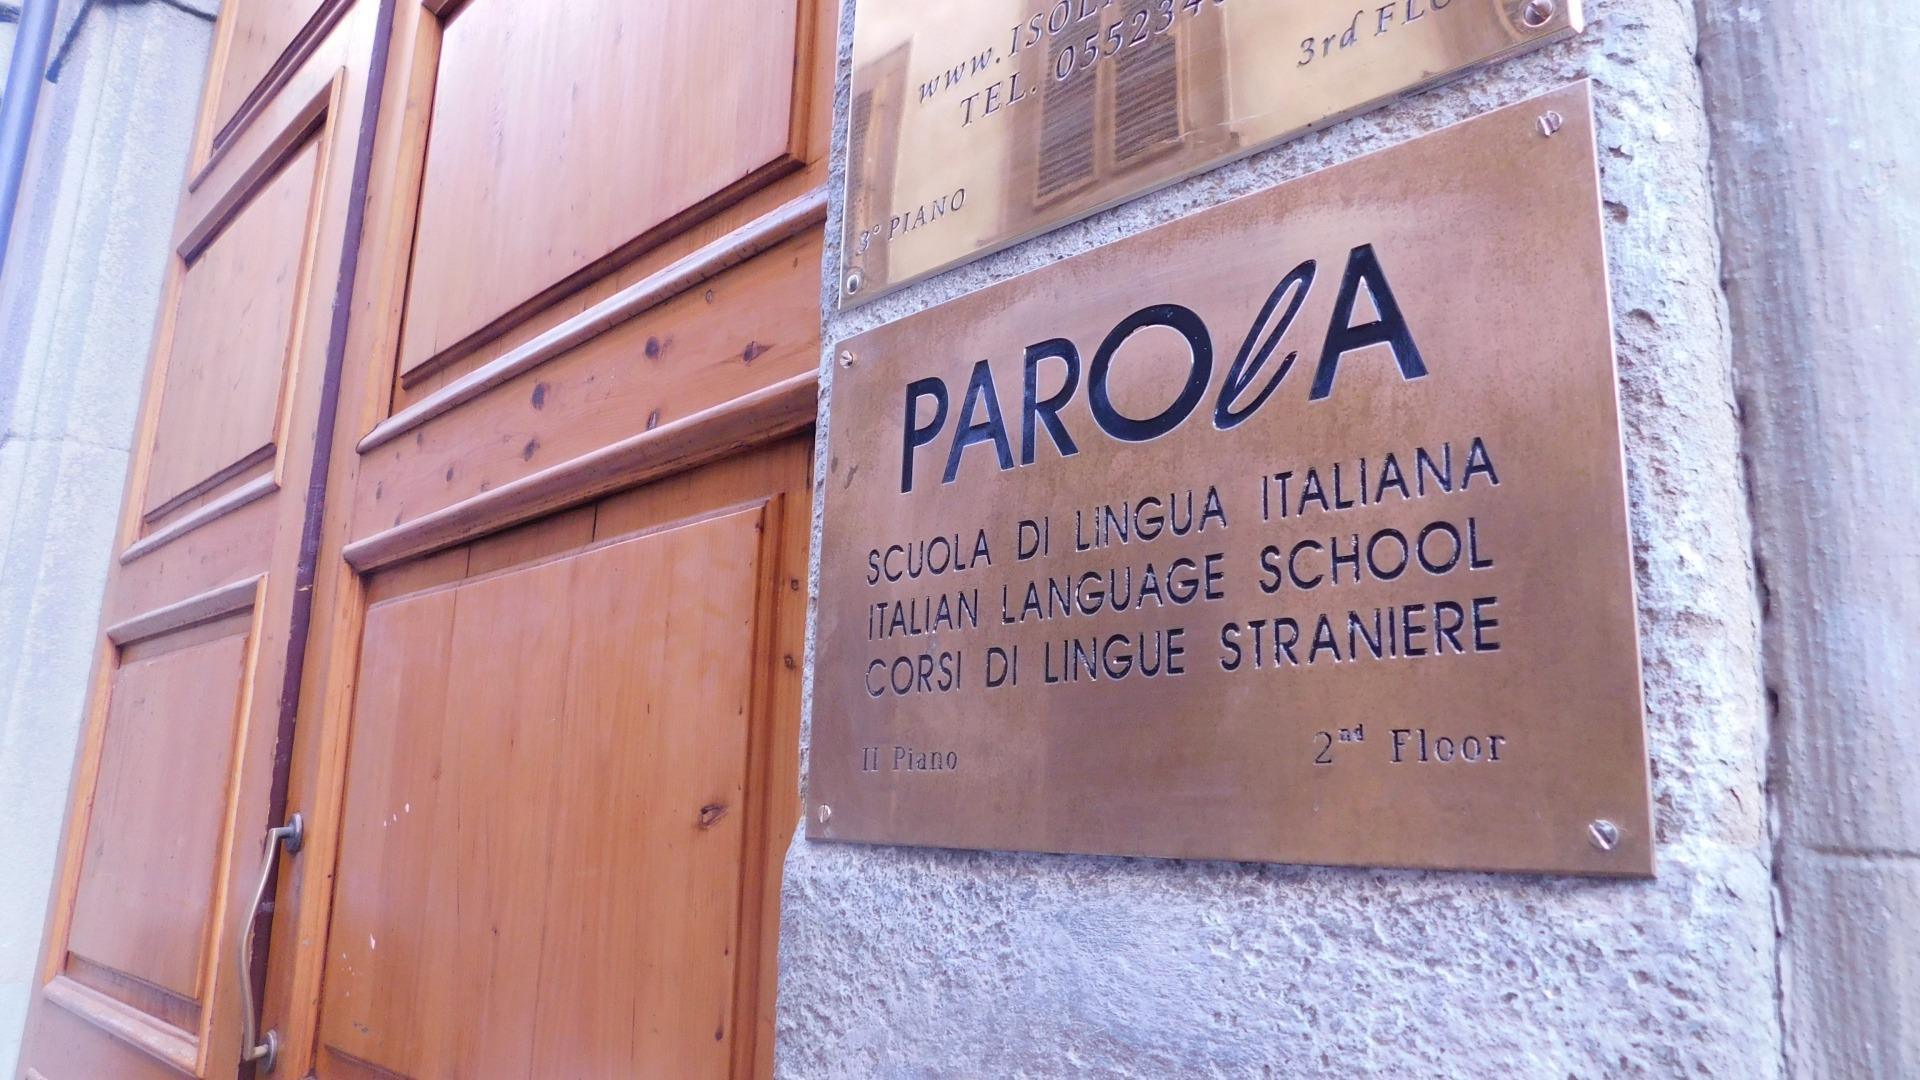 Parola school sign in Borgo Santa Croce, 4 in Florence